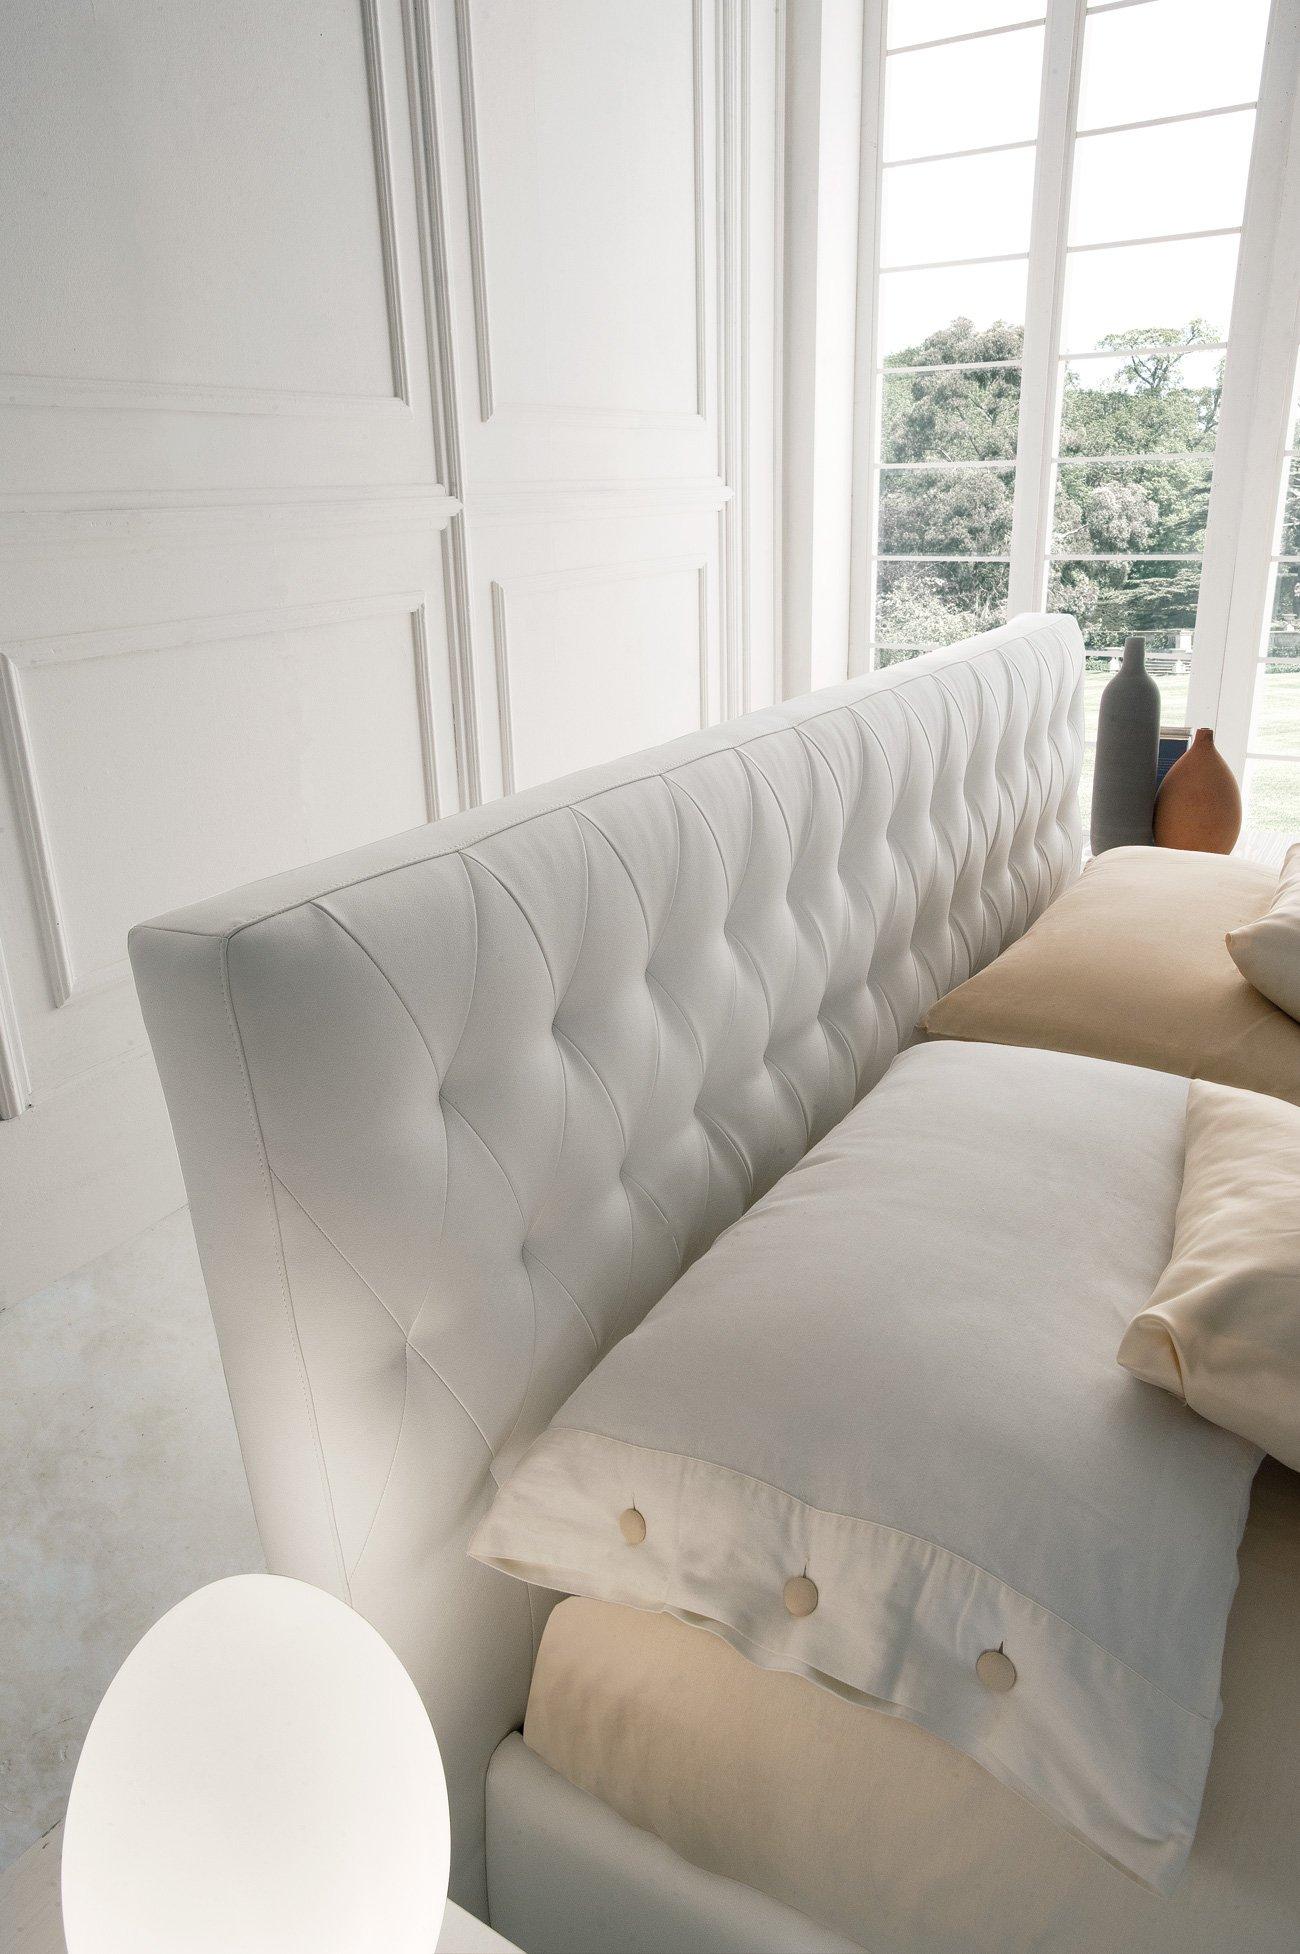 Camera da letto matrimoniale in pelle bianca